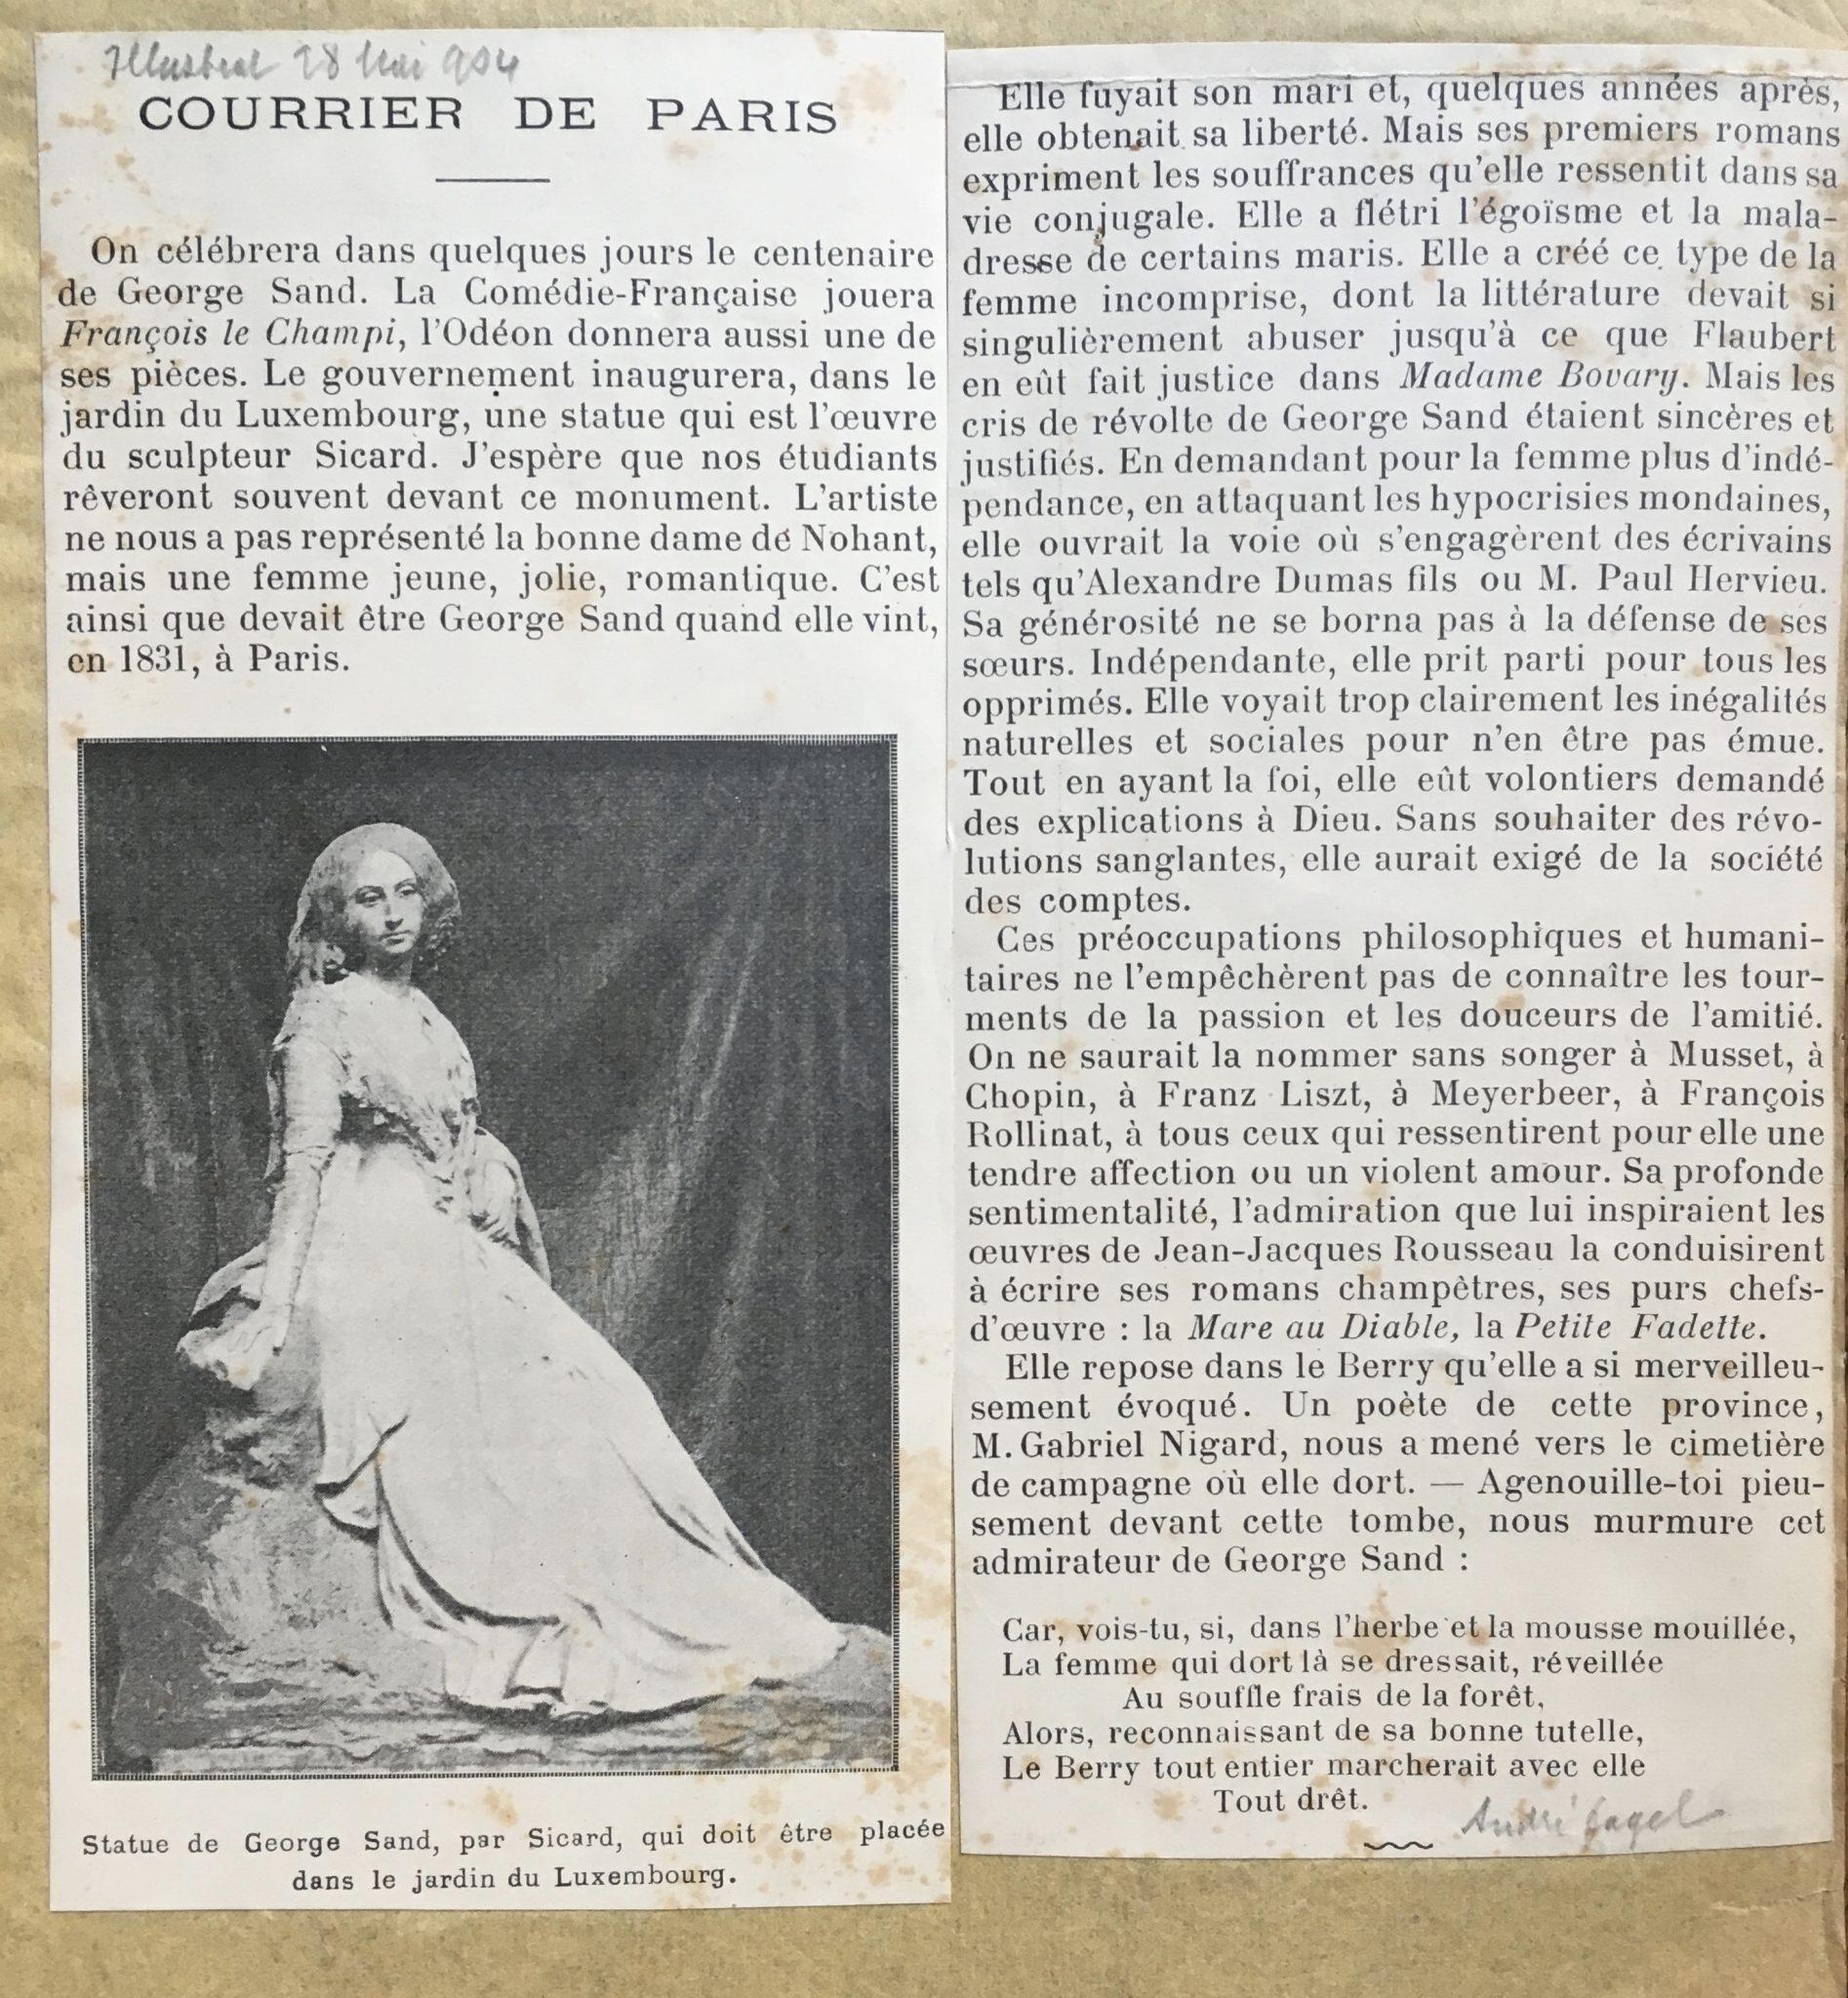 Courrier de Paris